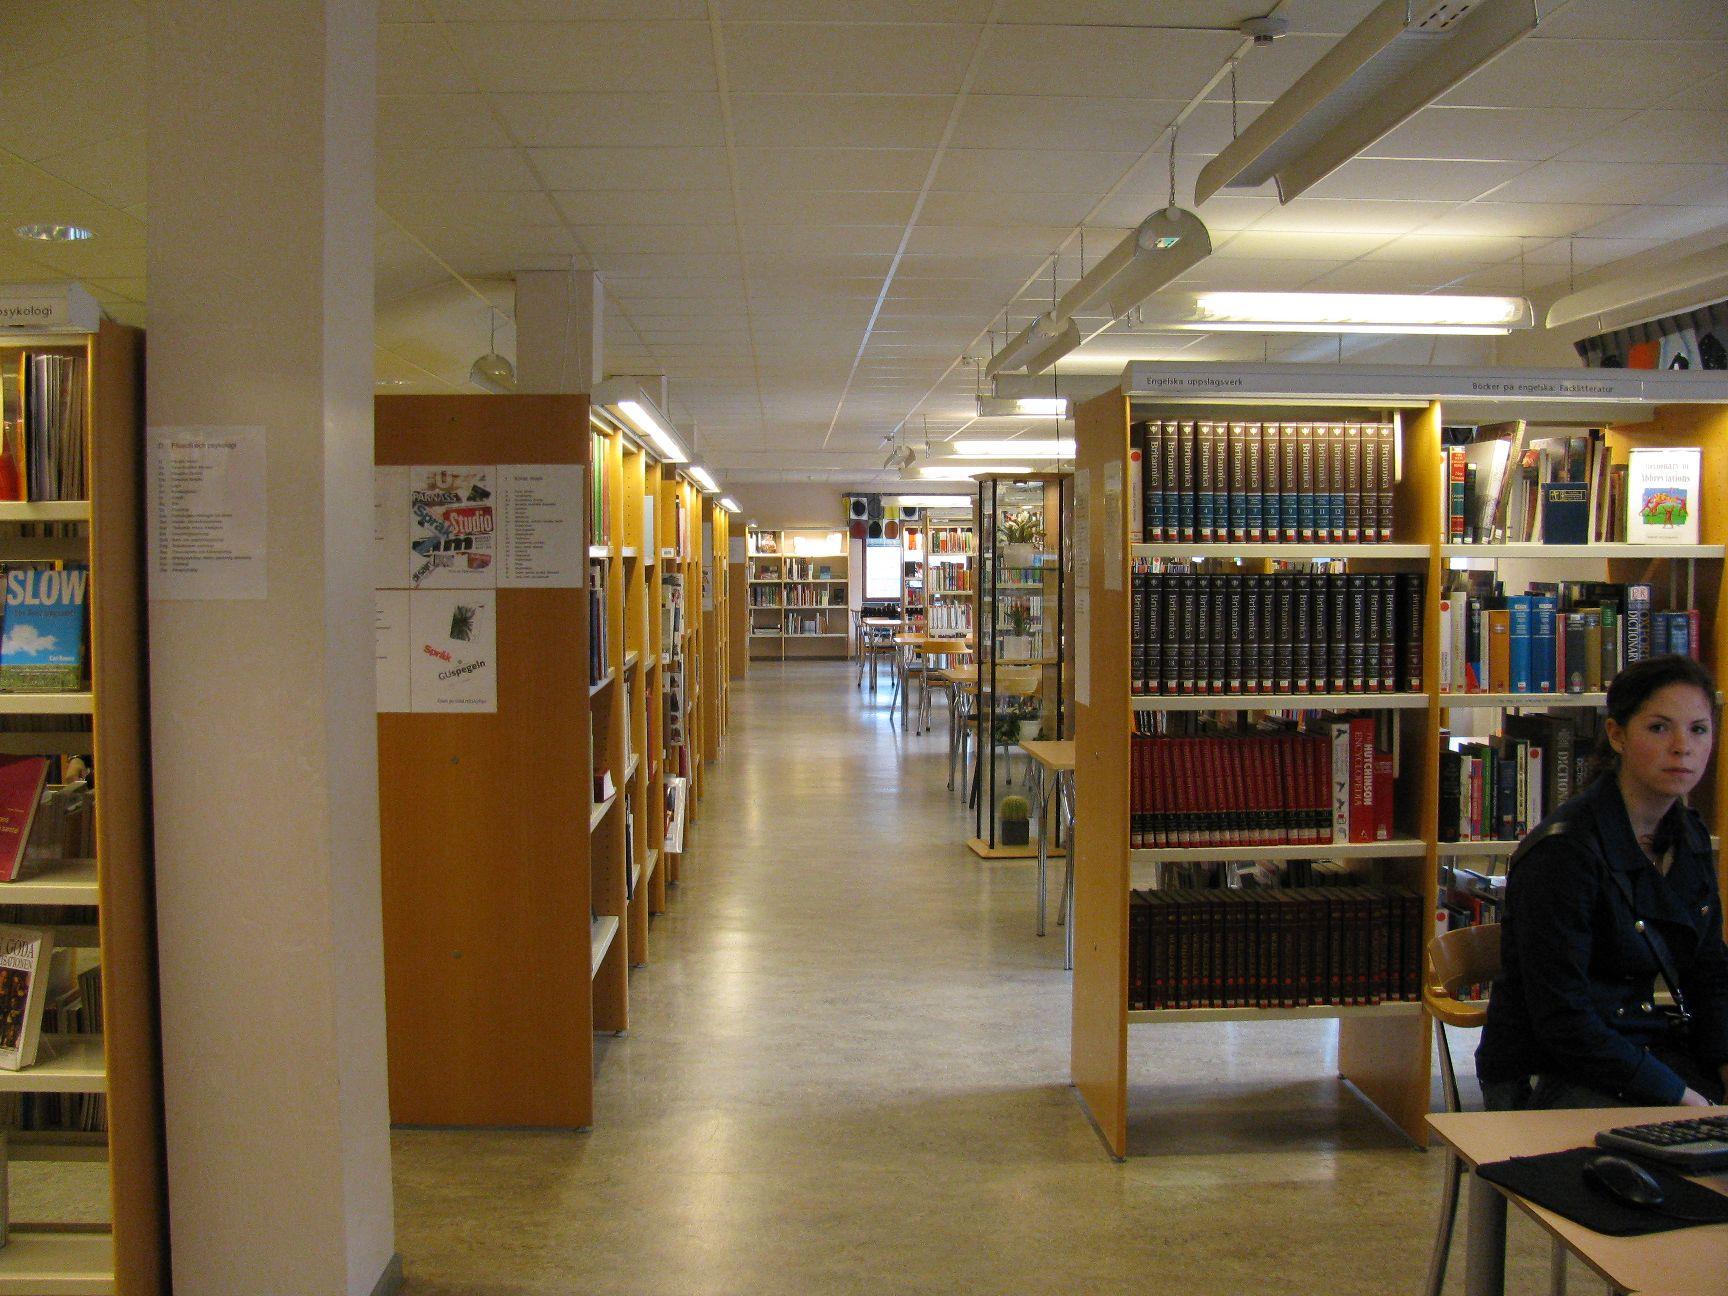 Knihovna Bäckängsgymnasiet